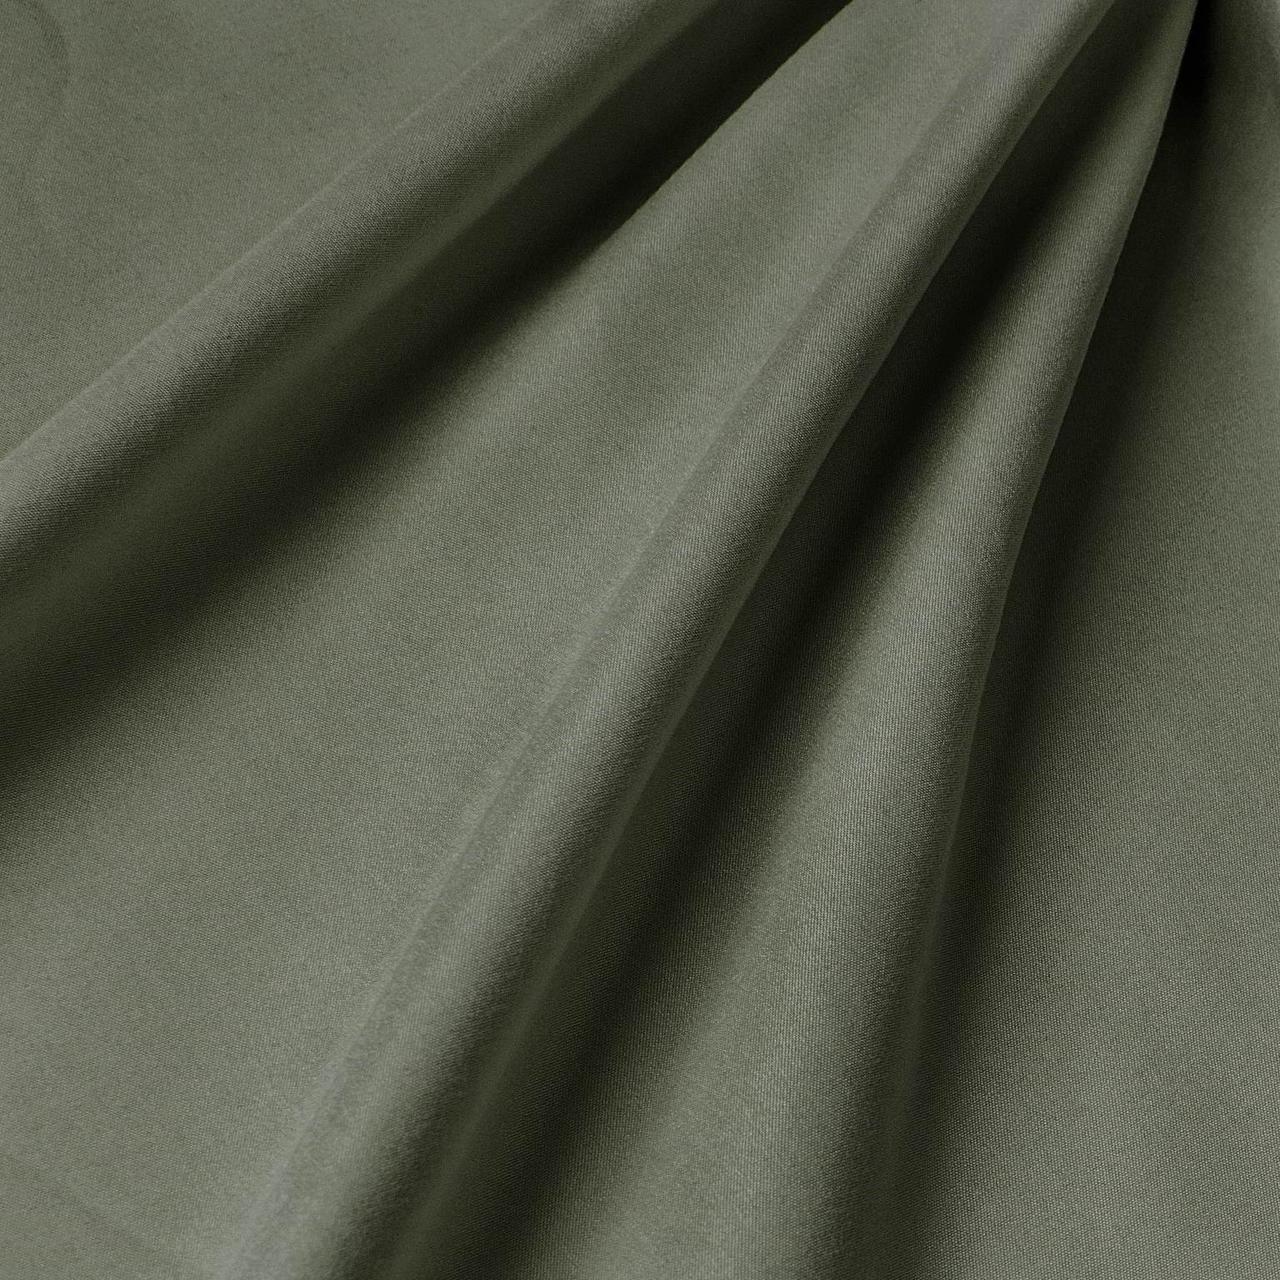 Подкладочная ткань с матовой фактурой (Испания) 400317v23